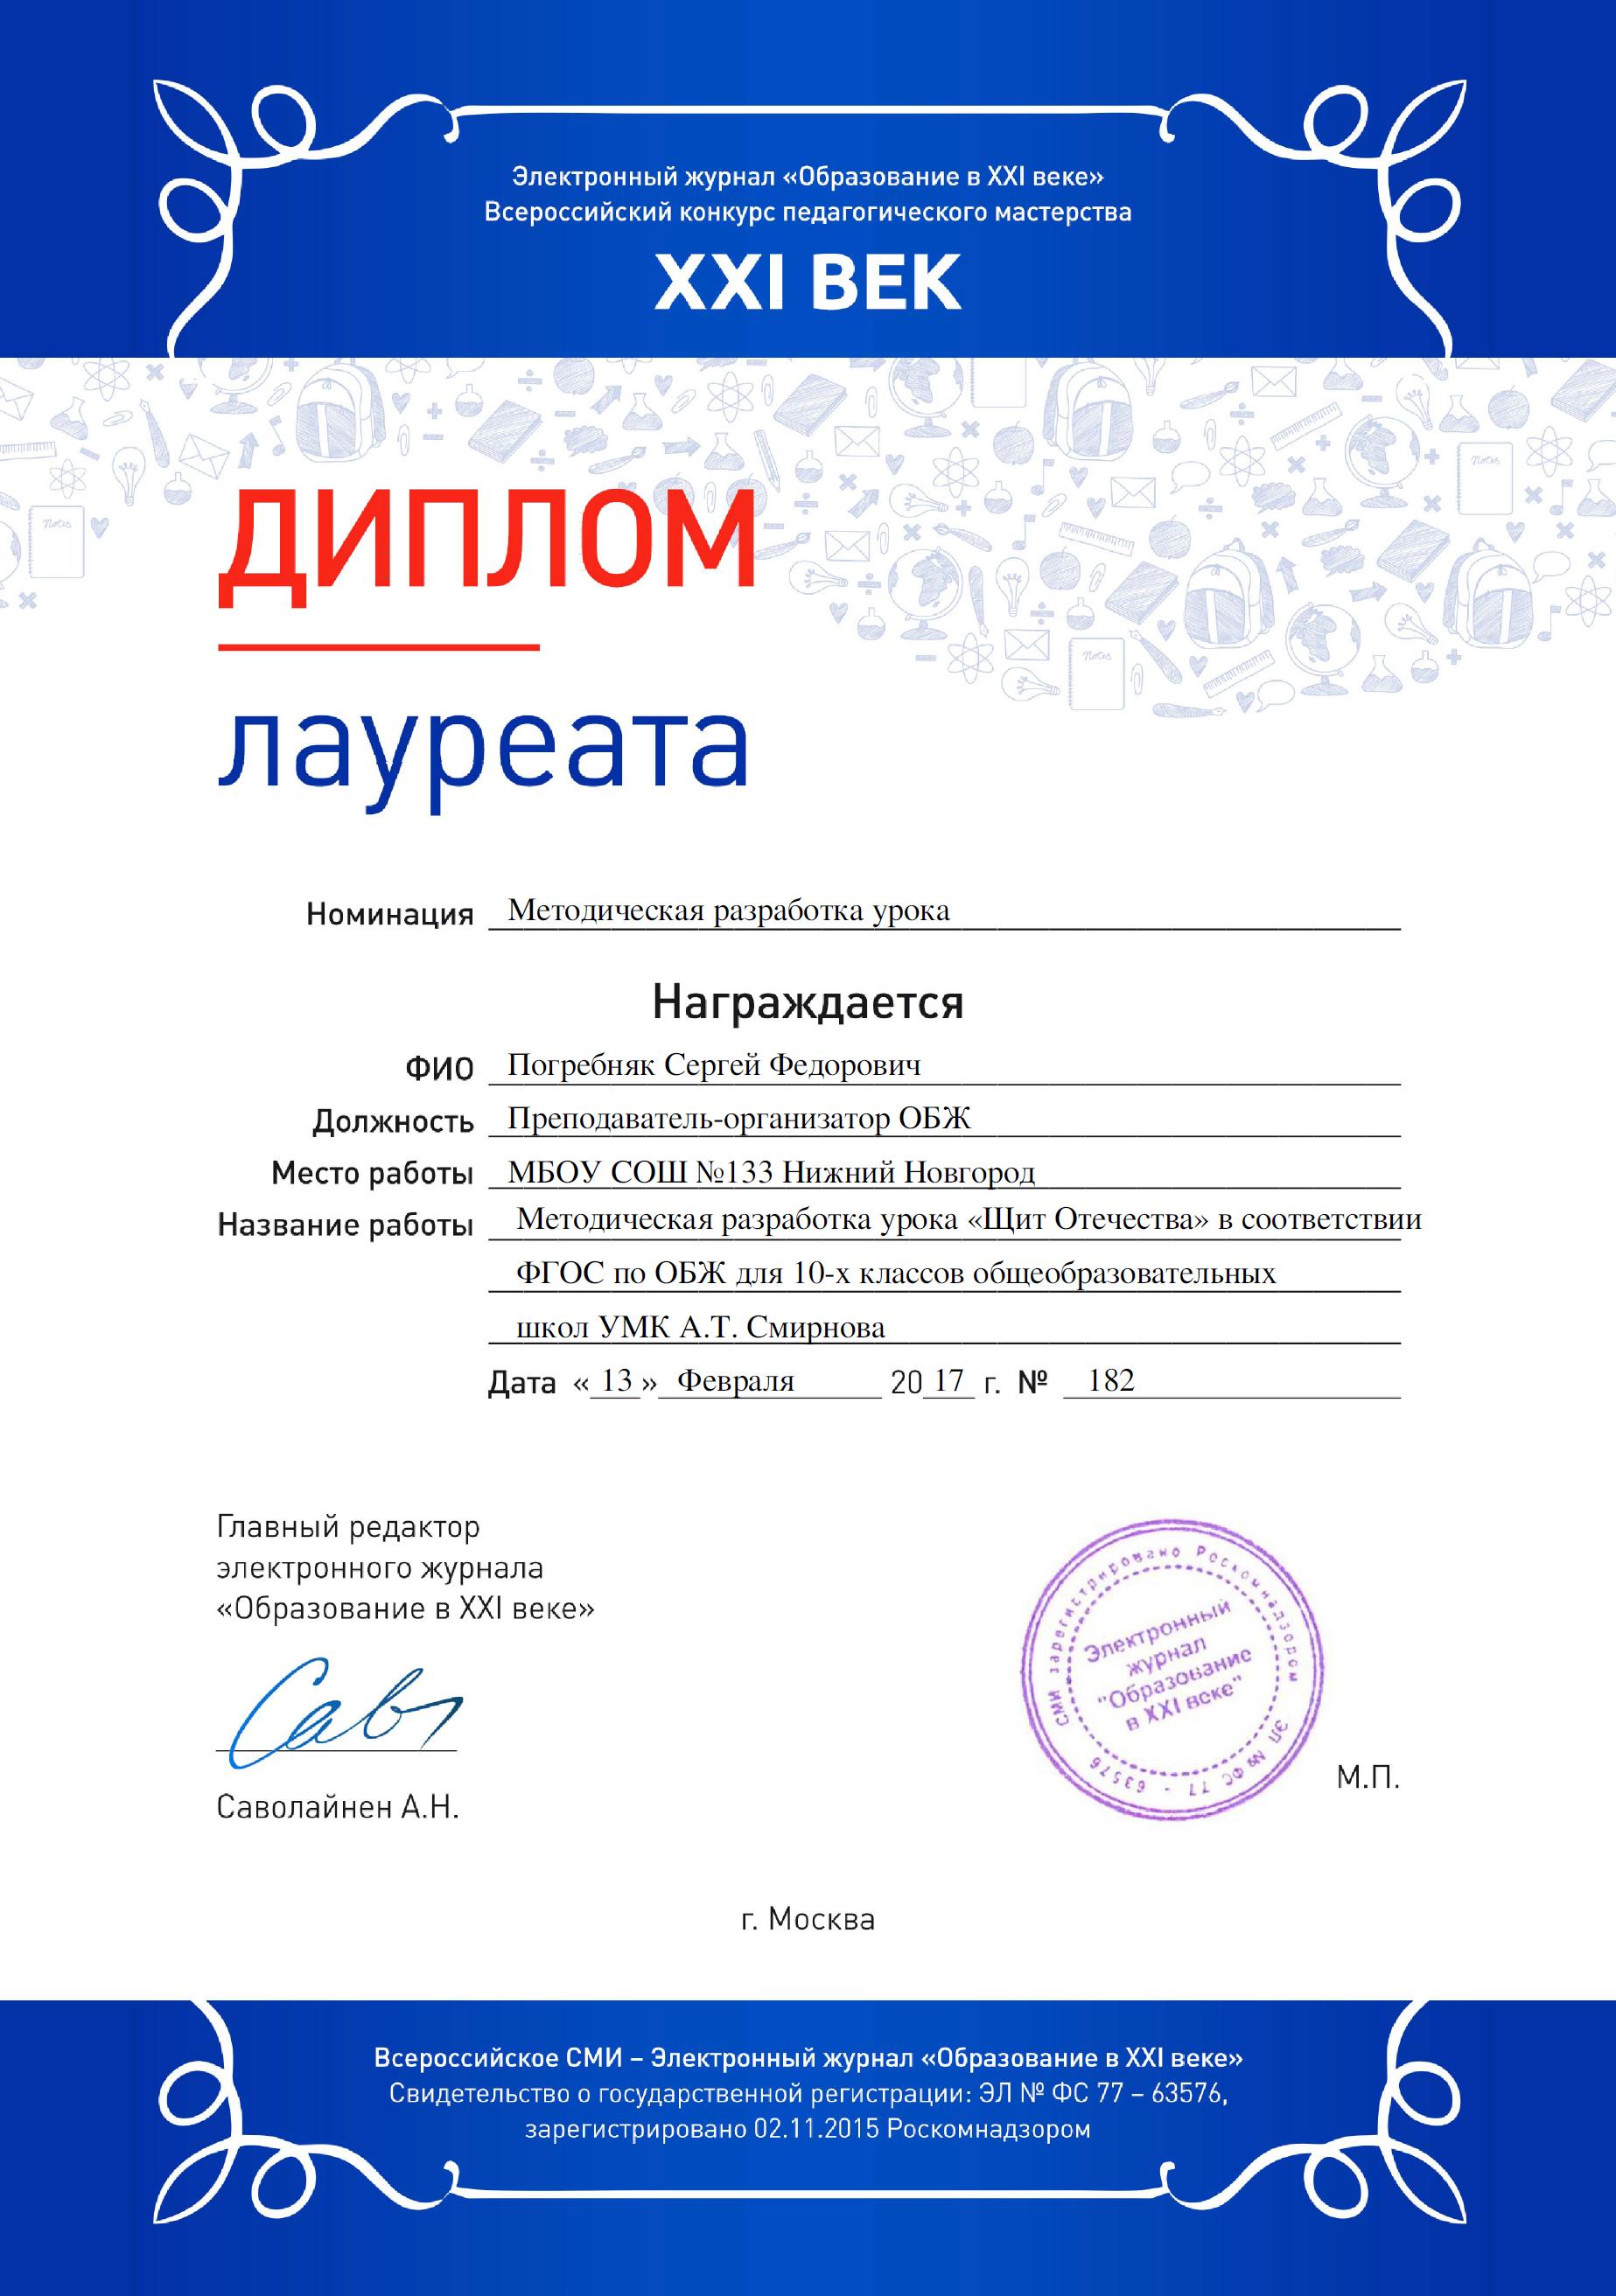 XXI ВЕК_ЛАУРЕАТ.jpg